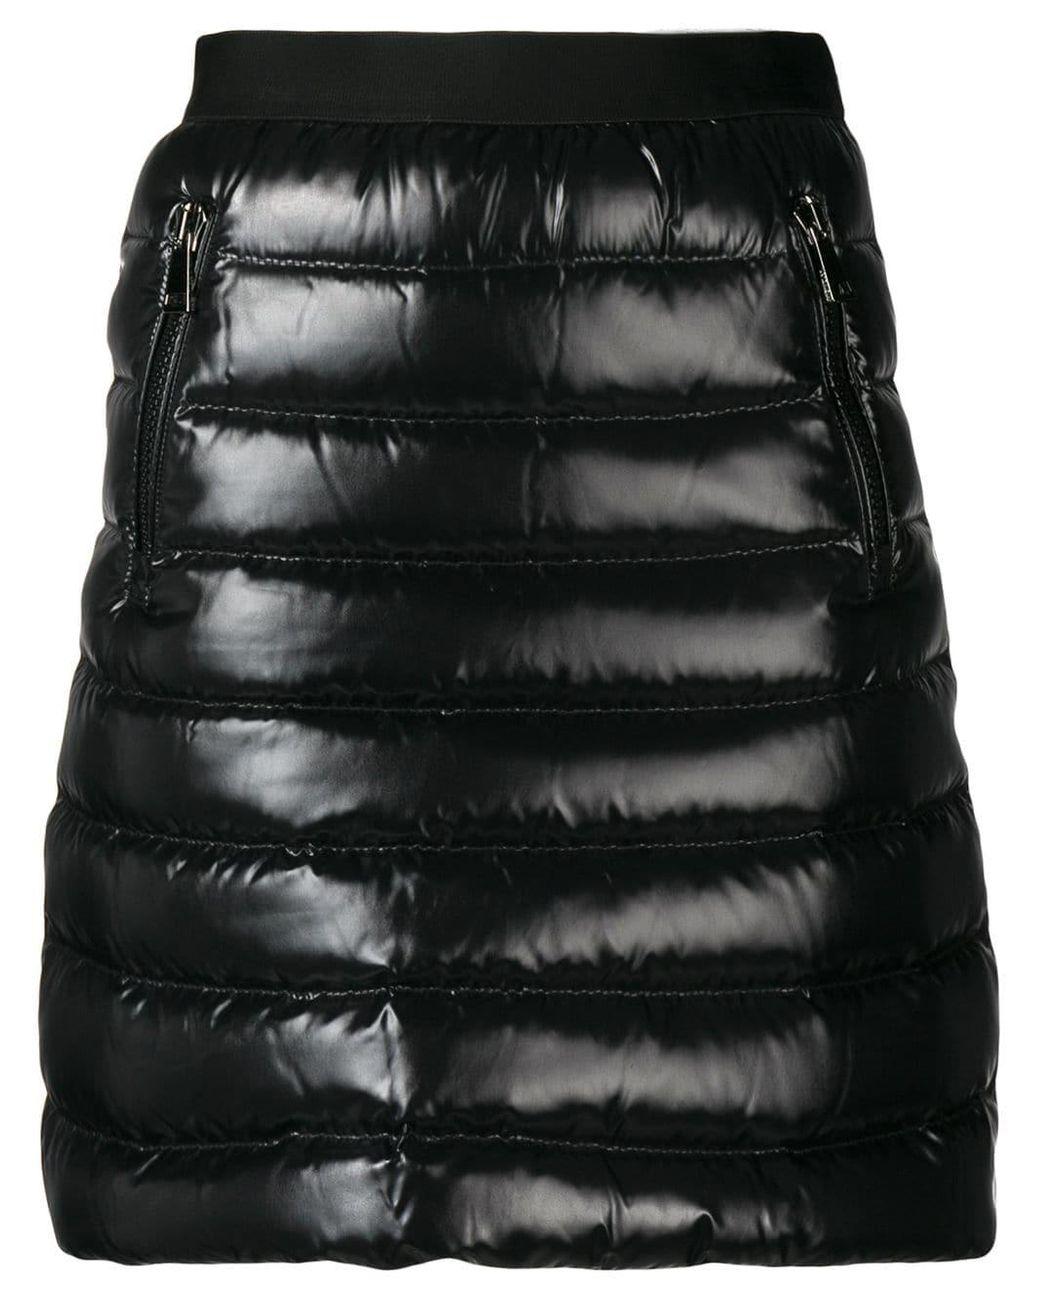 Damen Daunenrock mit Taschen in schwarz